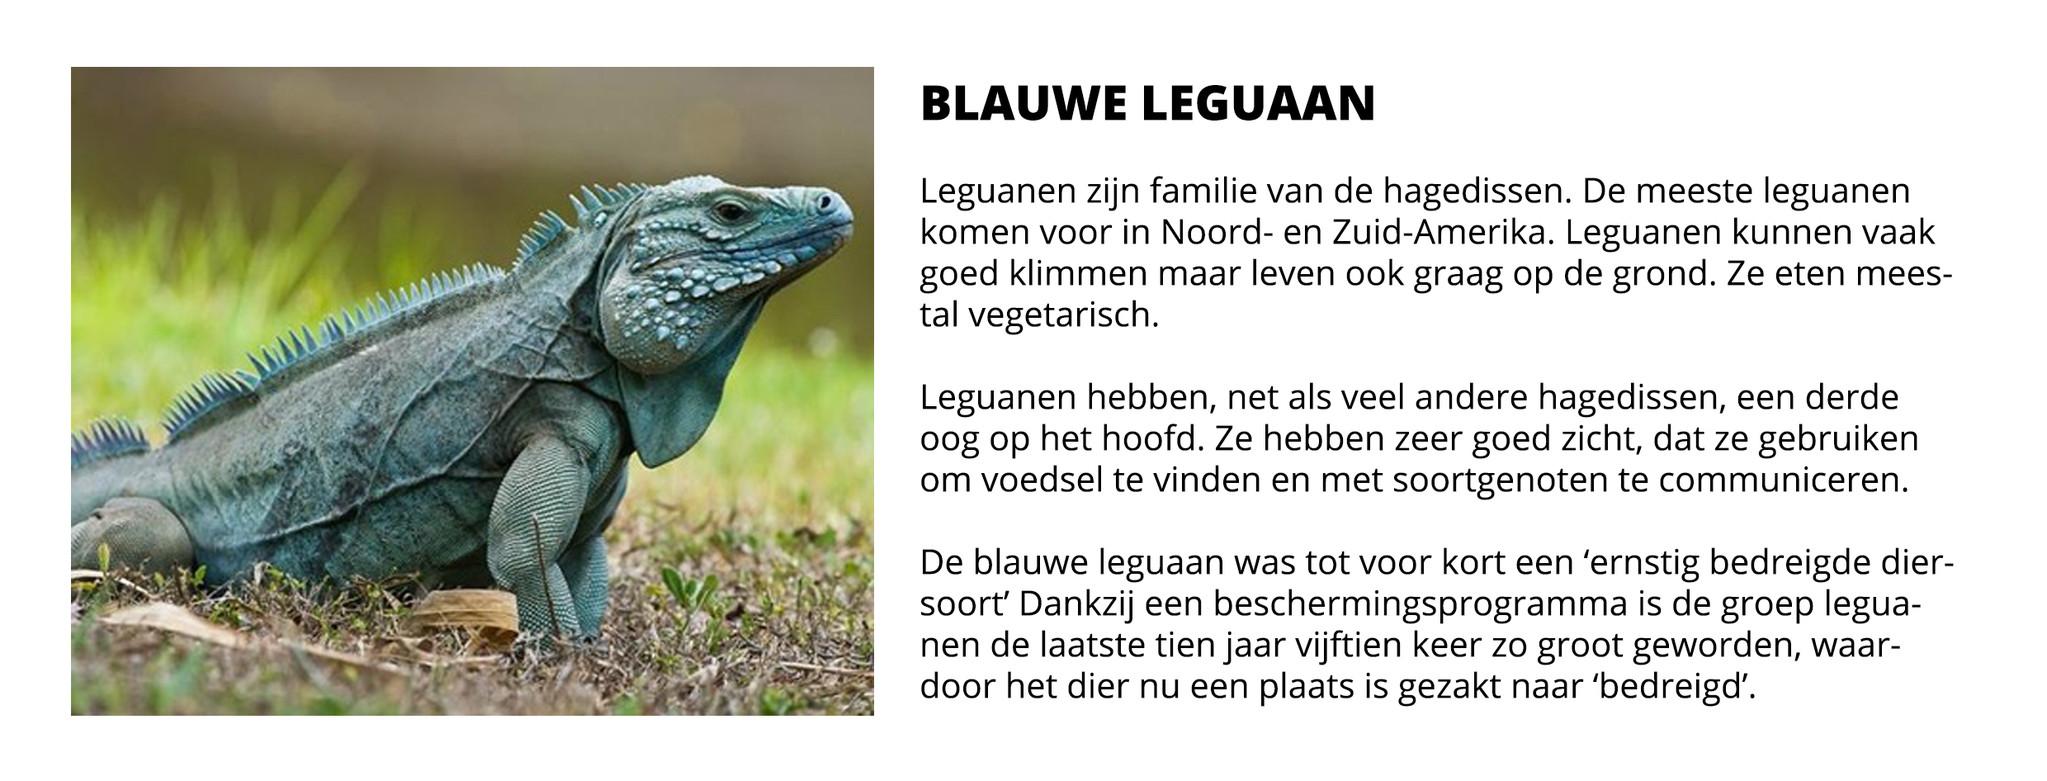 Blauwe Leguaan